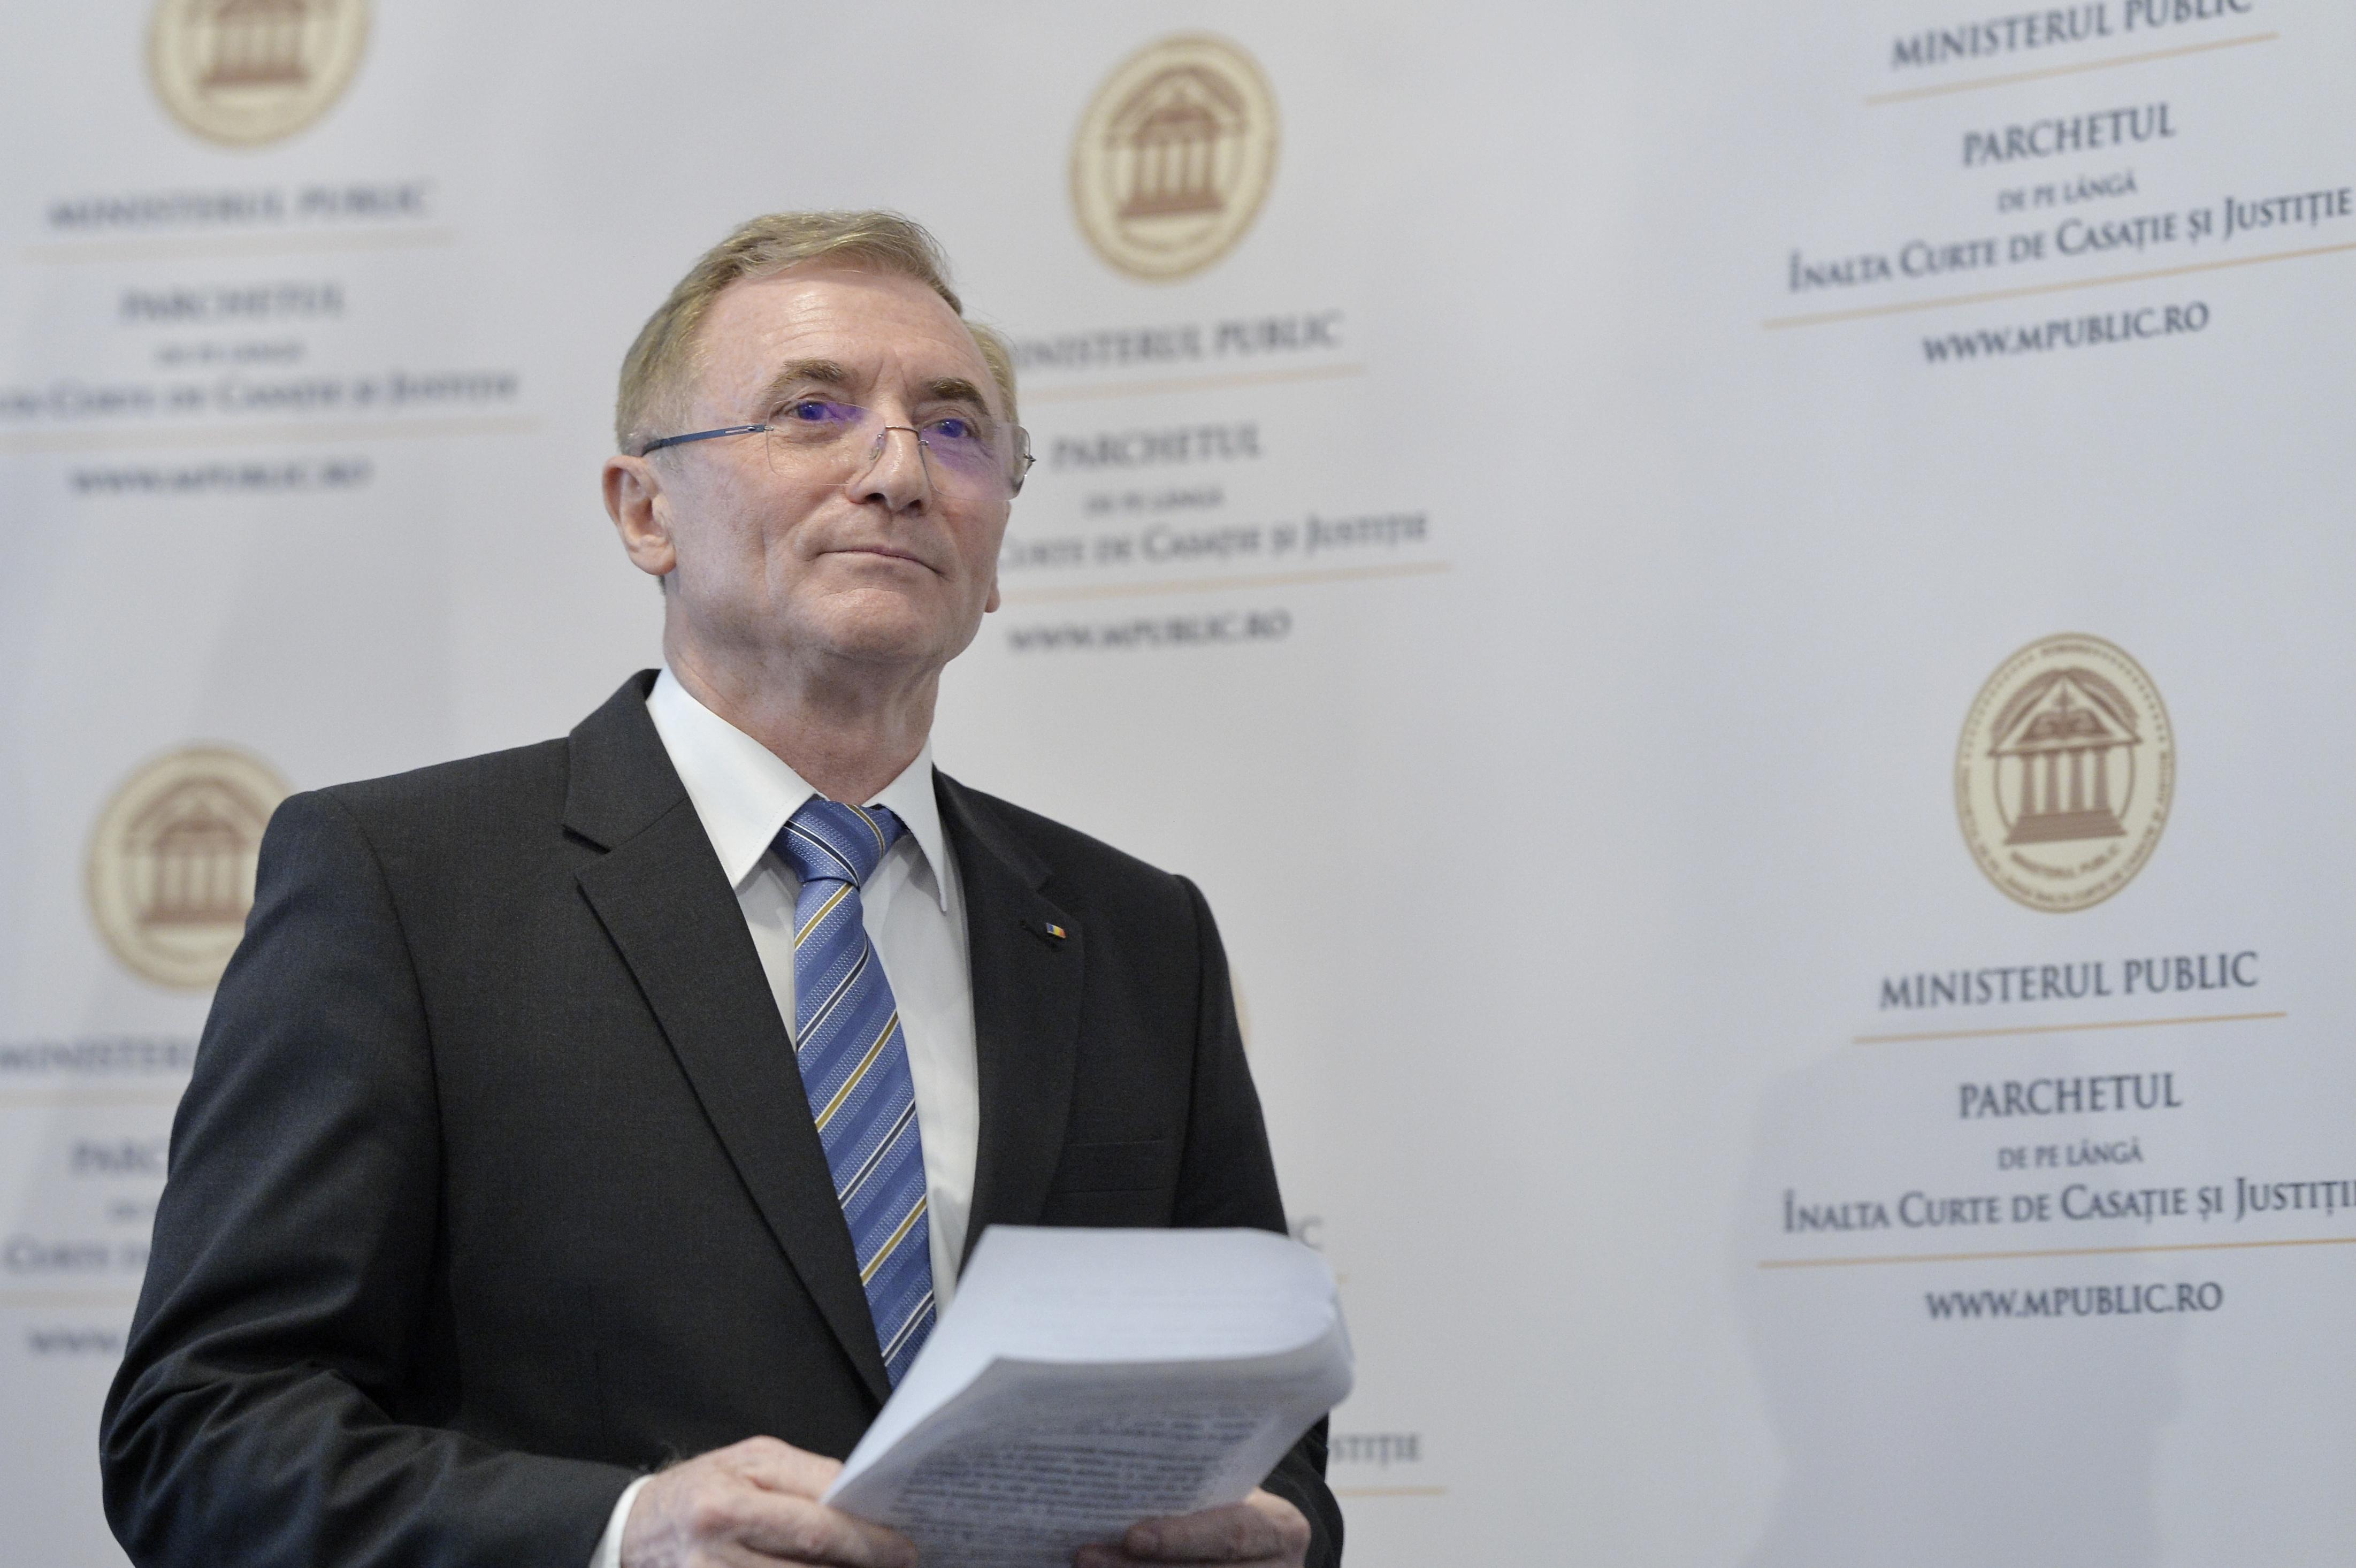 DECLARAŢIA ZILEI Augustin Lazăr cere scuze opiniei publice pentru practicile discutabile de dinainte de 1989 | VIDEO